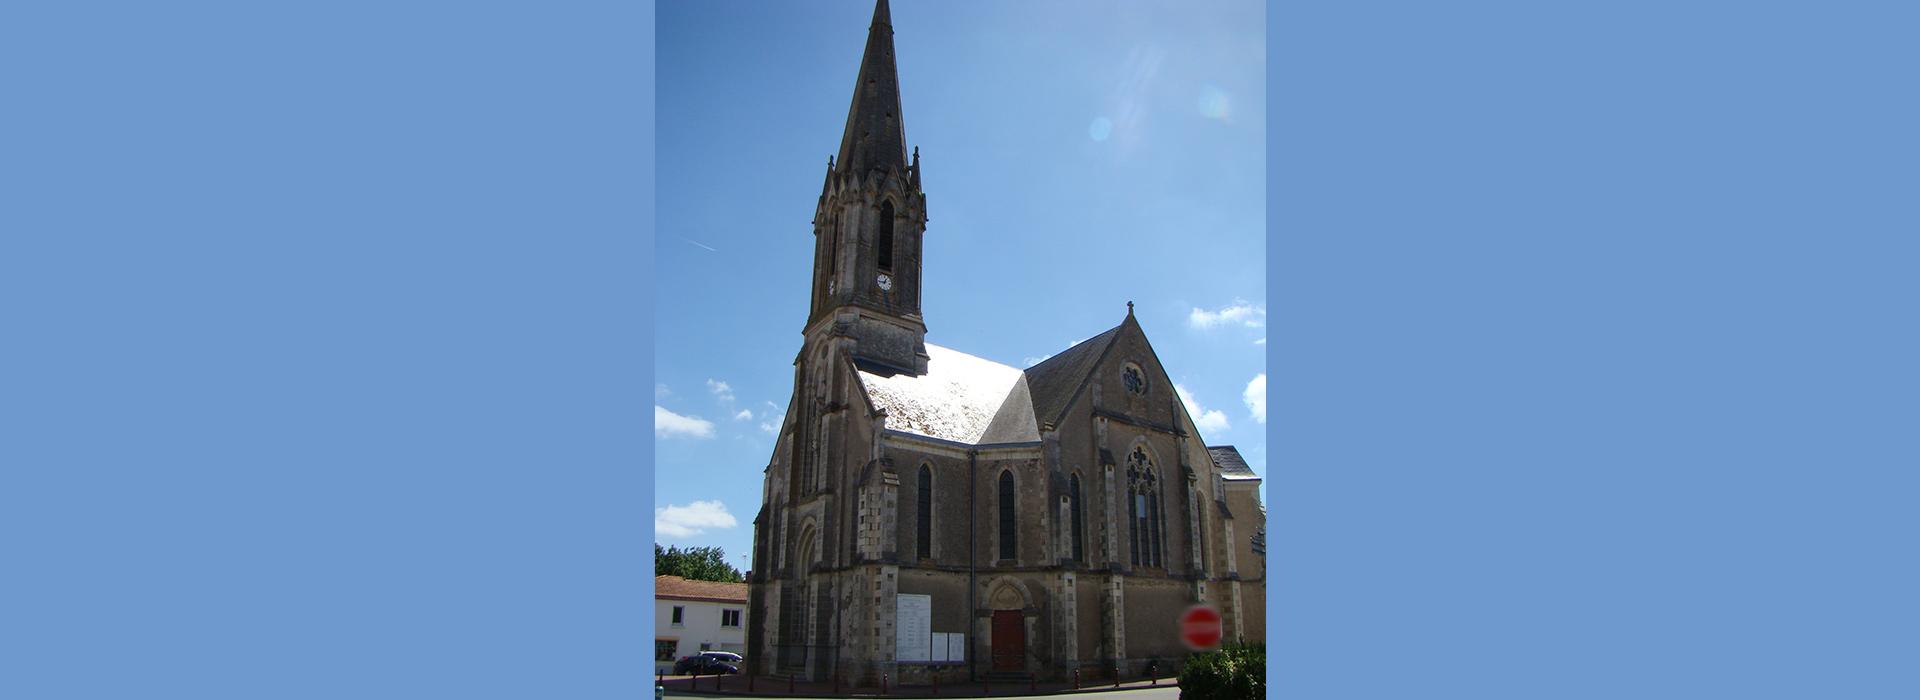 Paroisse Machecoul Eglise de St Même Le Tenu